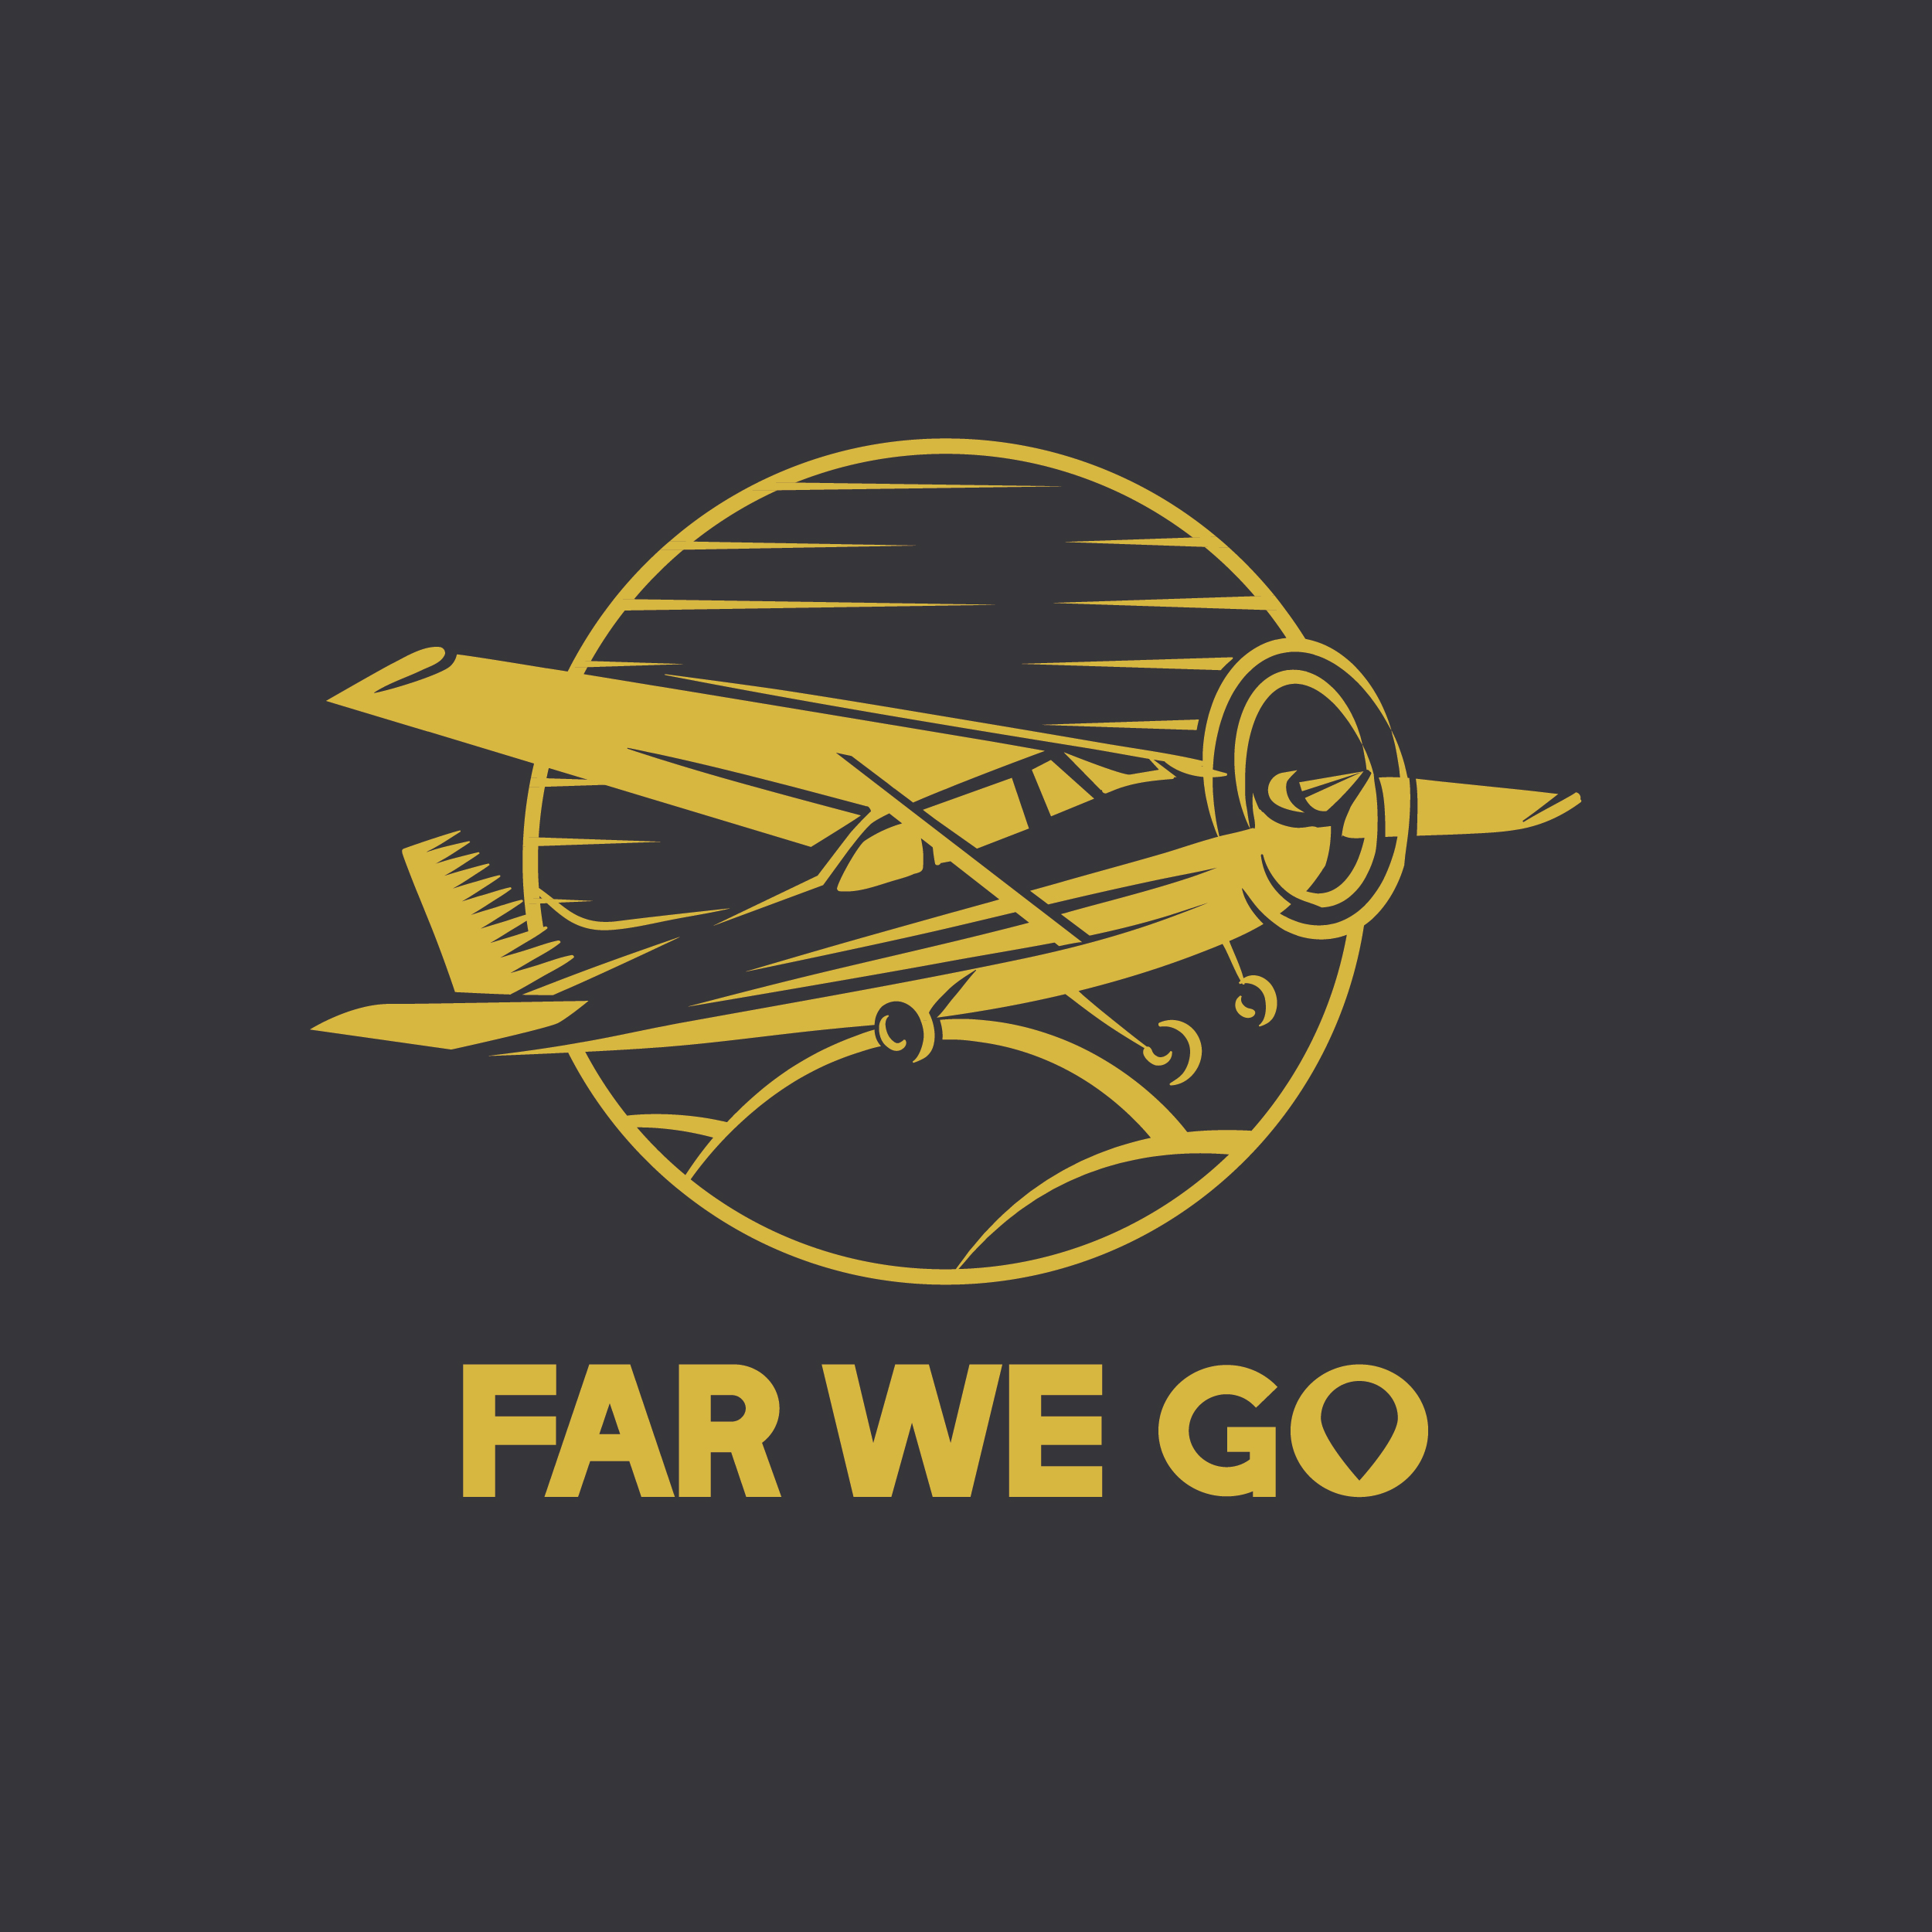 Farwego Travel - Khám phá văn hóa & Trải nghiệm